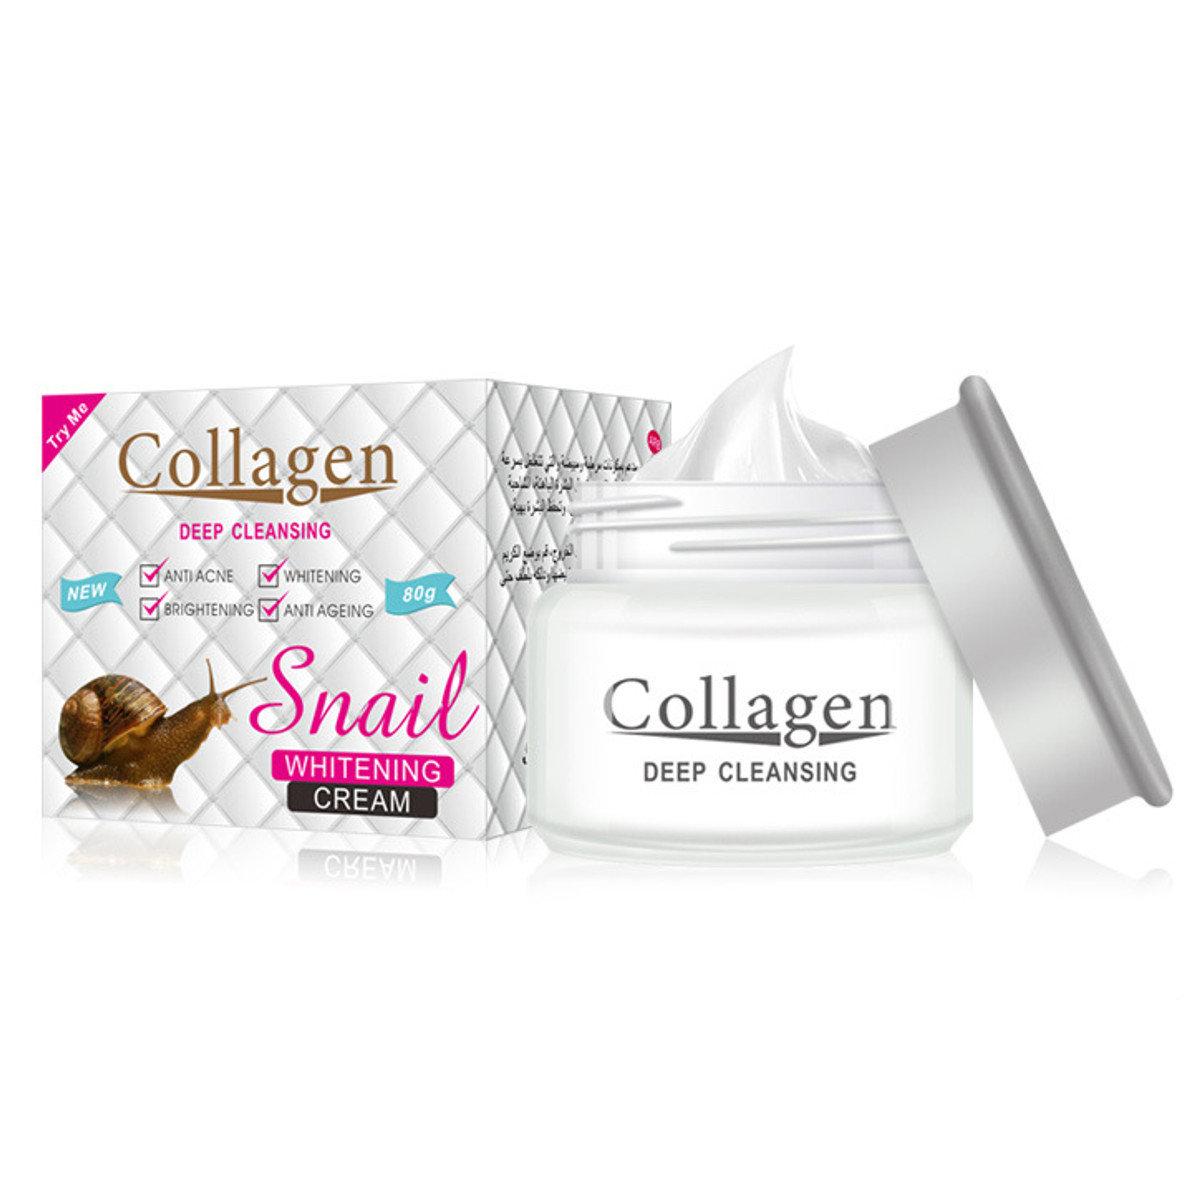 الكولاجين كريم مكافحة الشيخوخة كريم الترطيب اشراق ثبات الوجه كريم العناية بالبشرة